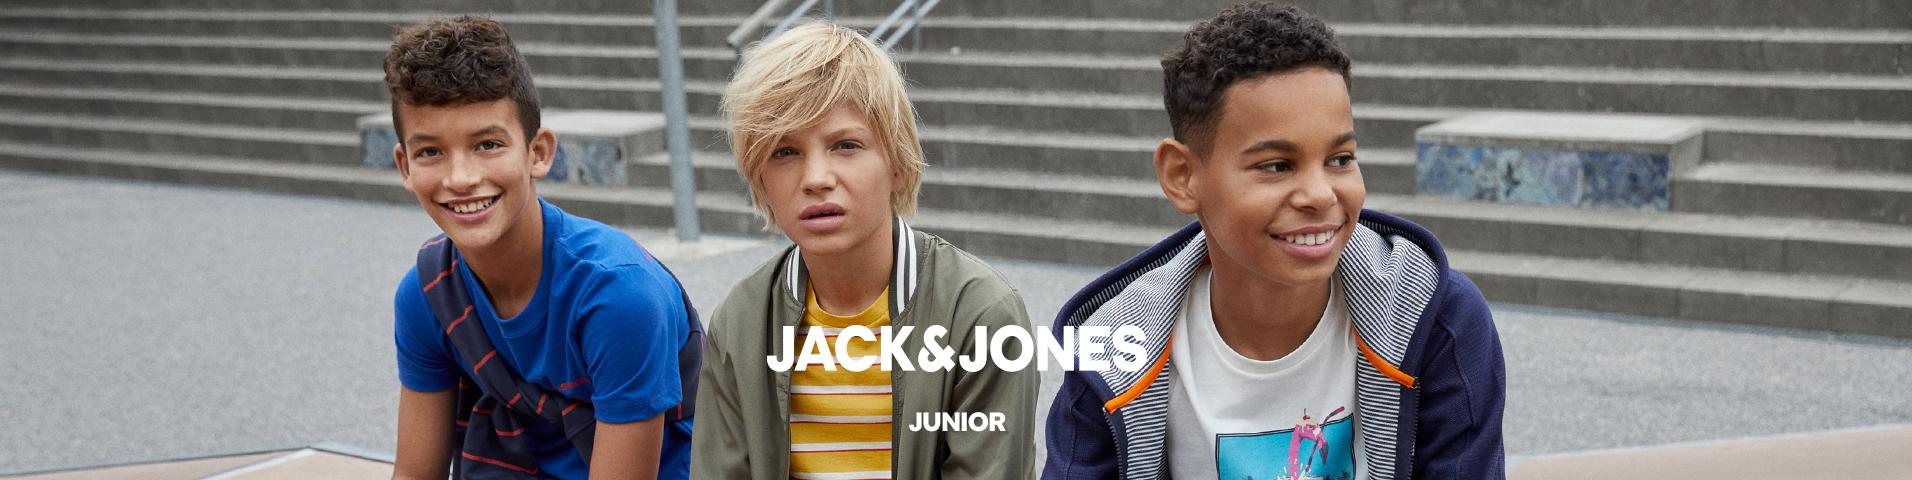 huge discount fb1e2 9a42c Jack & Jones Junior Kleidung online kaufen | Trendige Mode ...